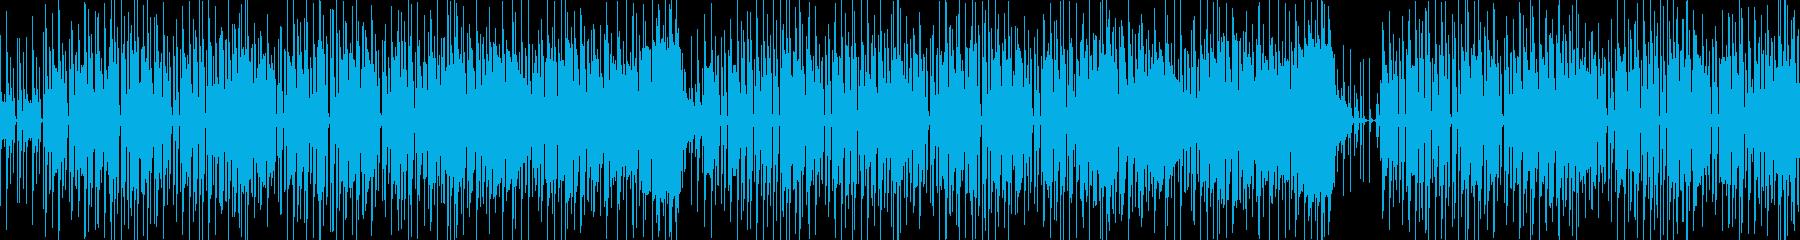 ほのぼのした雰囲気の口笛の再生済みの波形